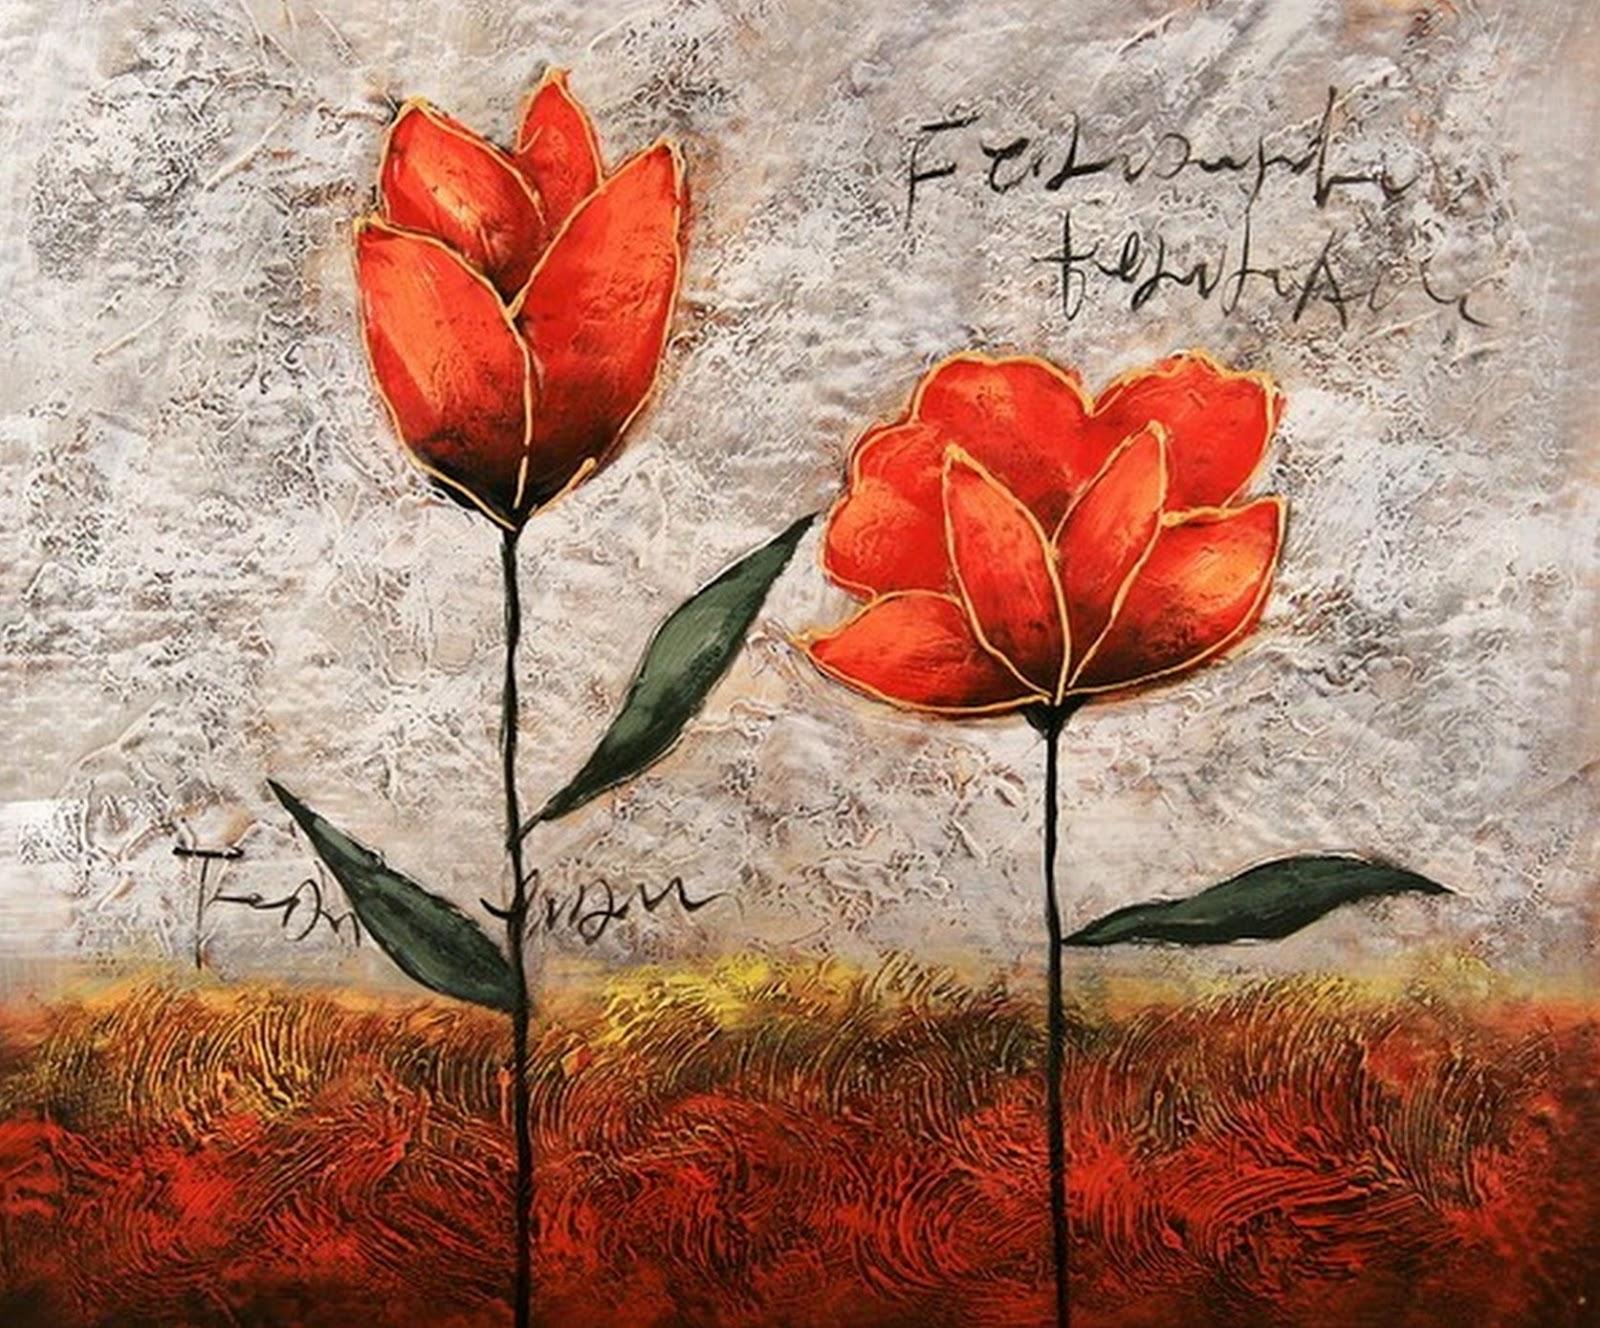 Pinturas cuadros lienzos arte abstracto con rosas for Imagenes de cuadros abstractos con relieve